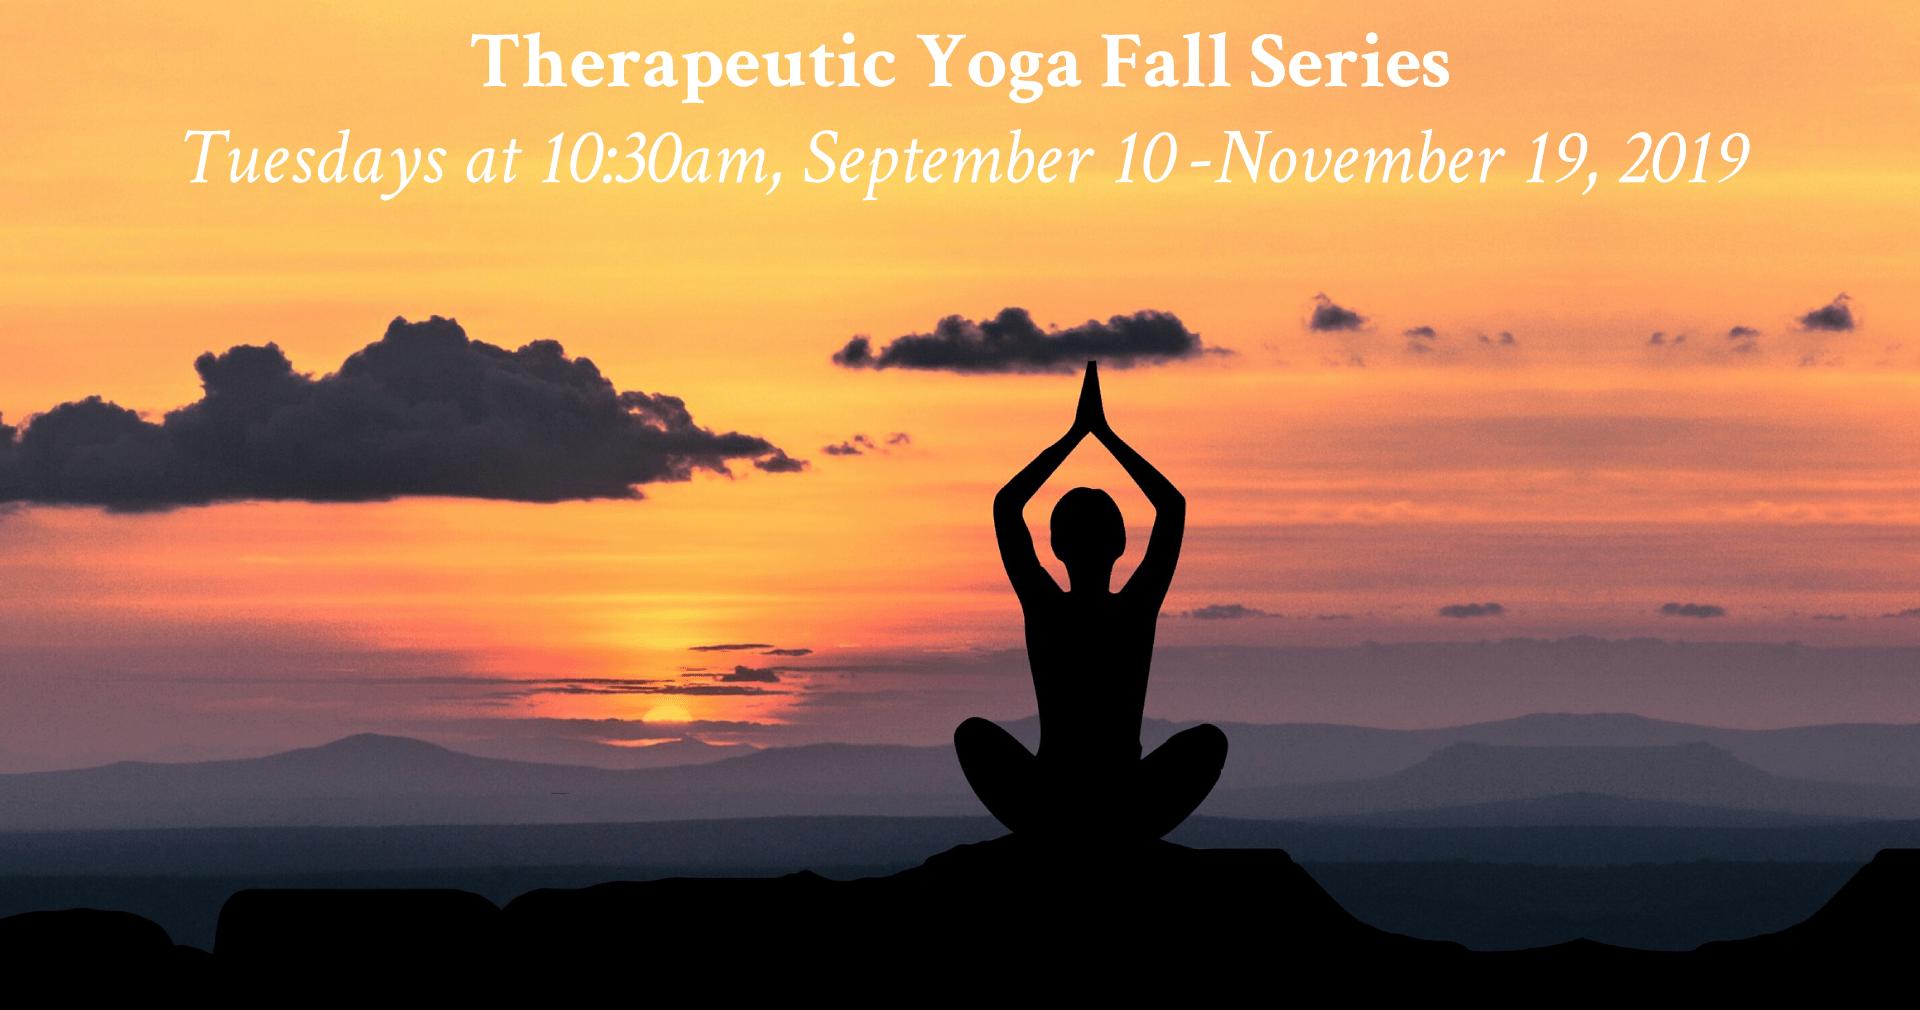 Therapeutic Yoga At La Pena Fall Series La Pena Cultural Center